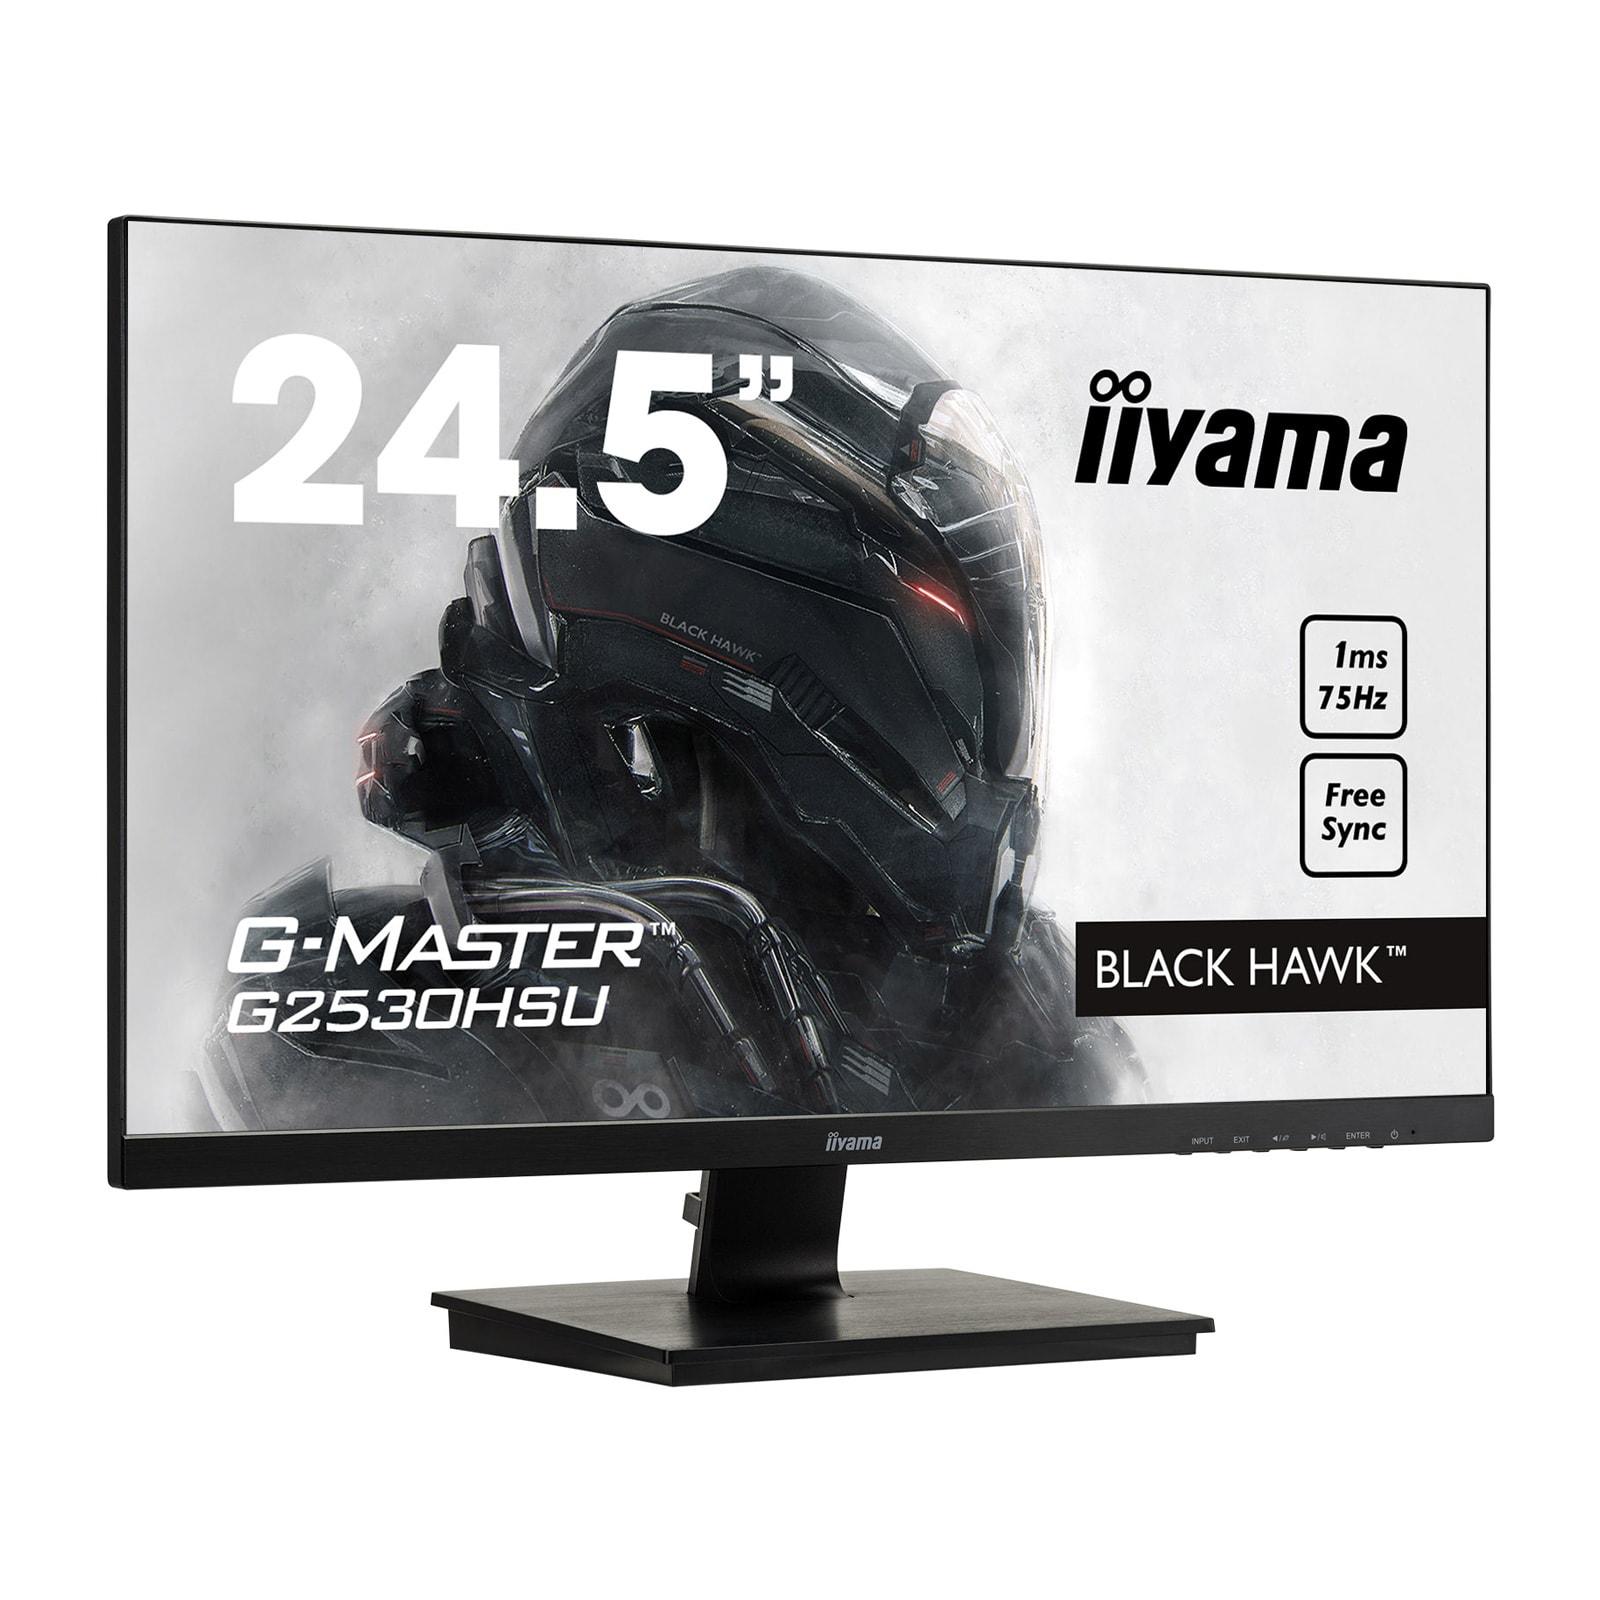 Ecran PC Iiyama G-Master Black Hawk G2530HSU-B1 (G2530HSU-B1) - Achat / Vente Ecran PC sur Picata.fr - 4